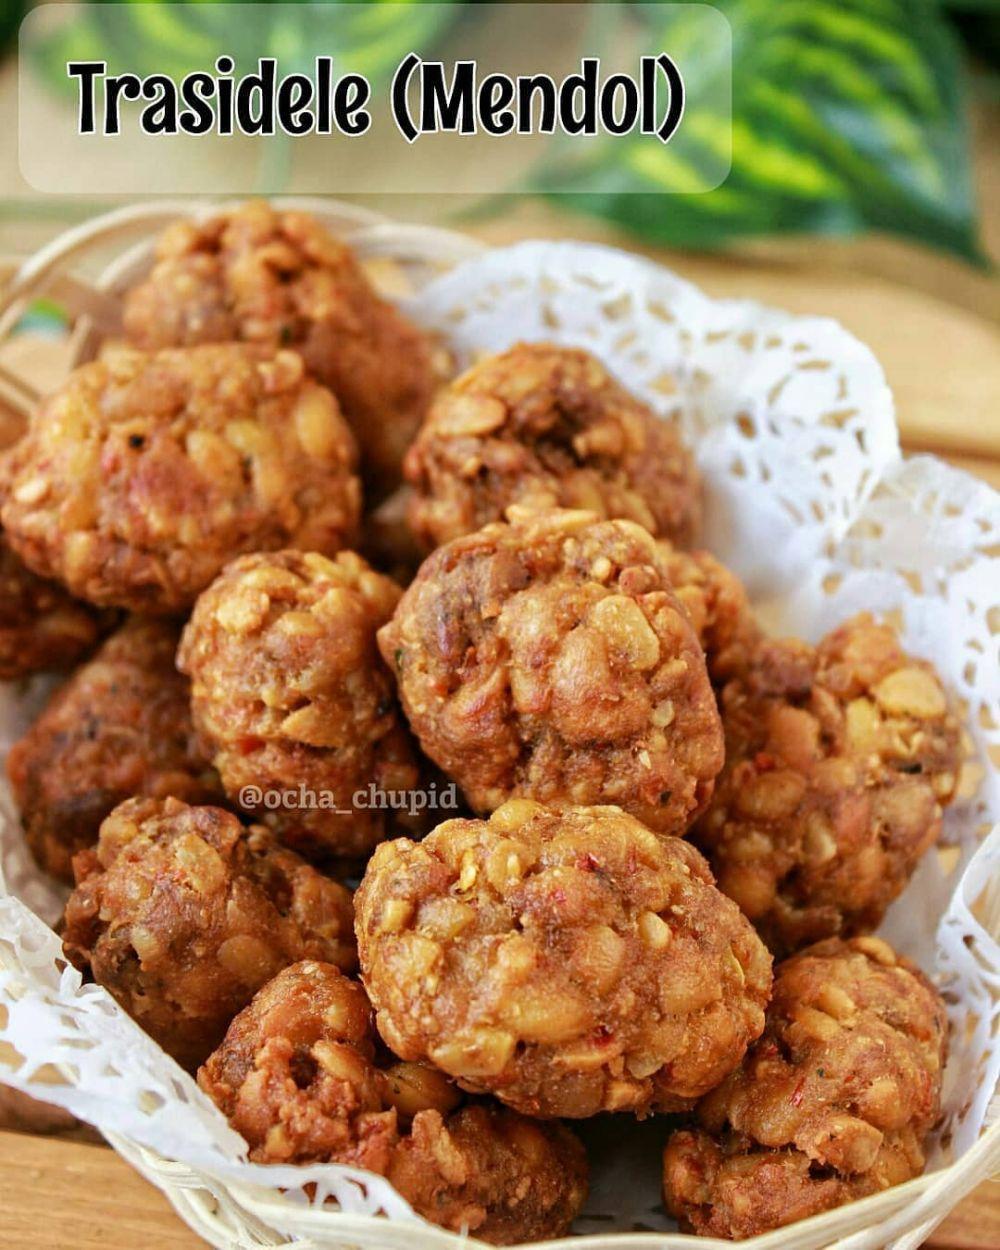 25 Resep Camilan Kreasi Tempe Yang Enak Istimewa Makanan Makanan Dan Minuman Resep